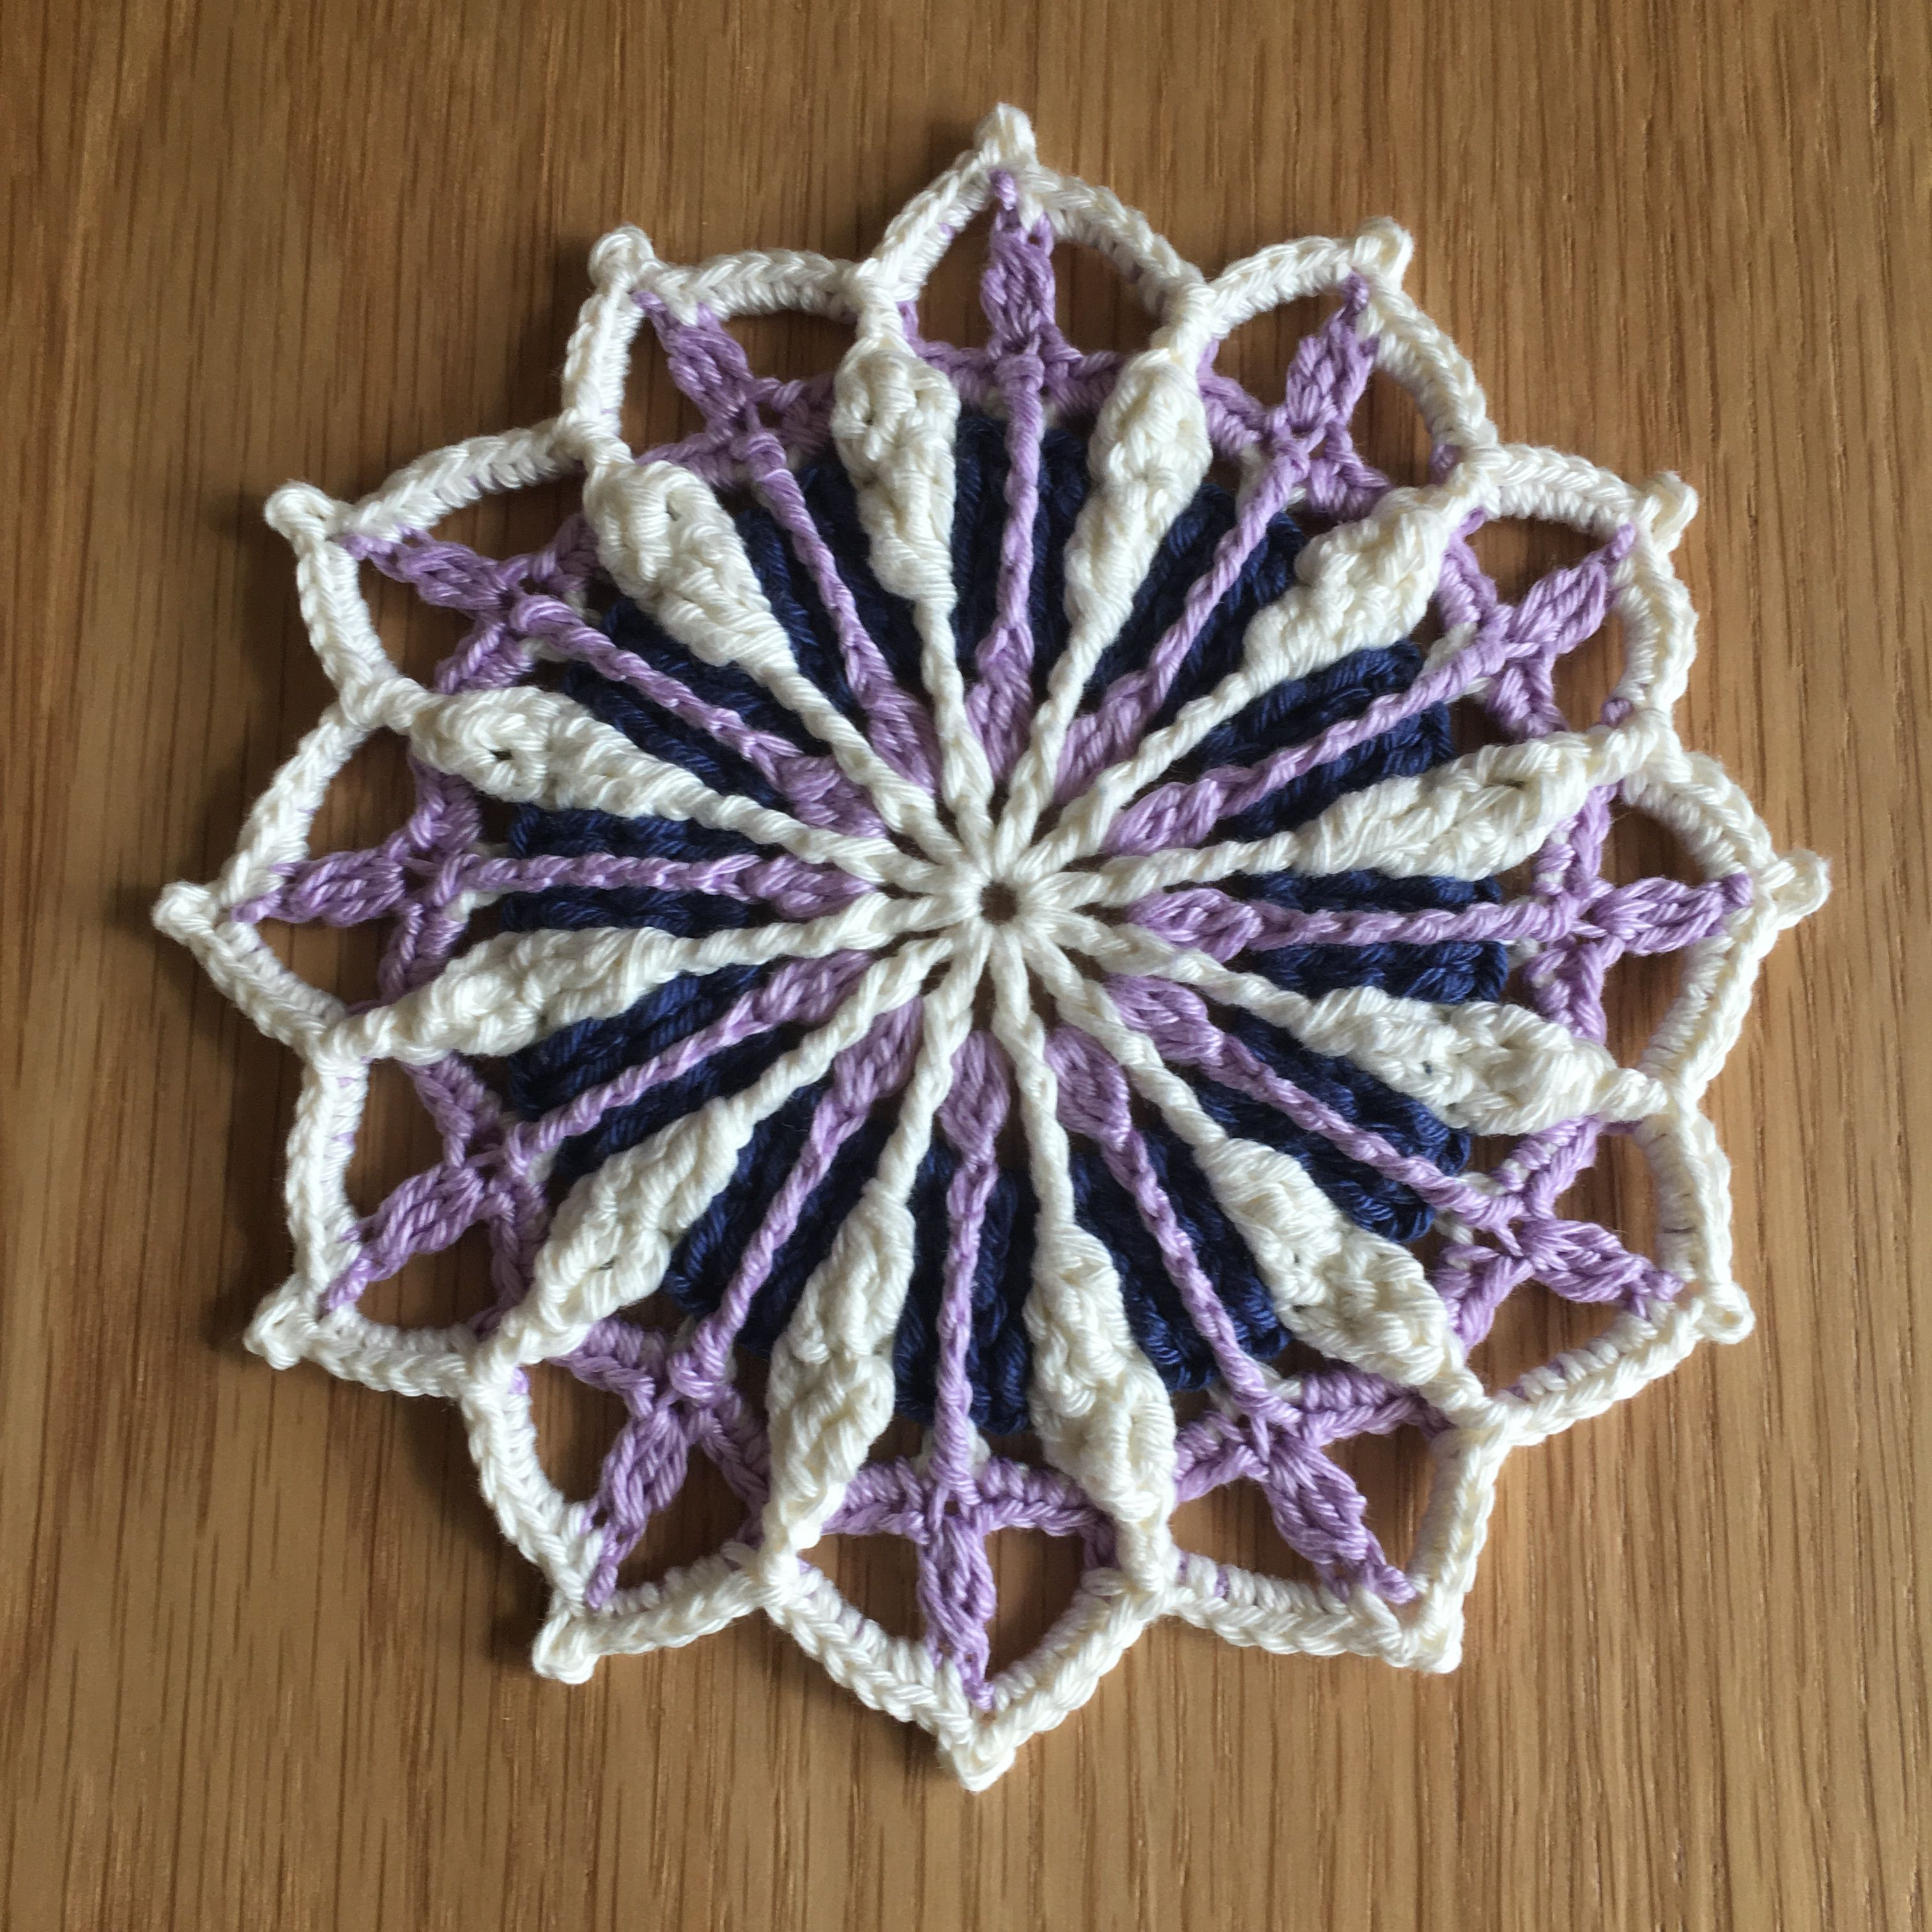 Mandala Haken Crochet Uit Het Boek Mandalas Haken Van Haafner